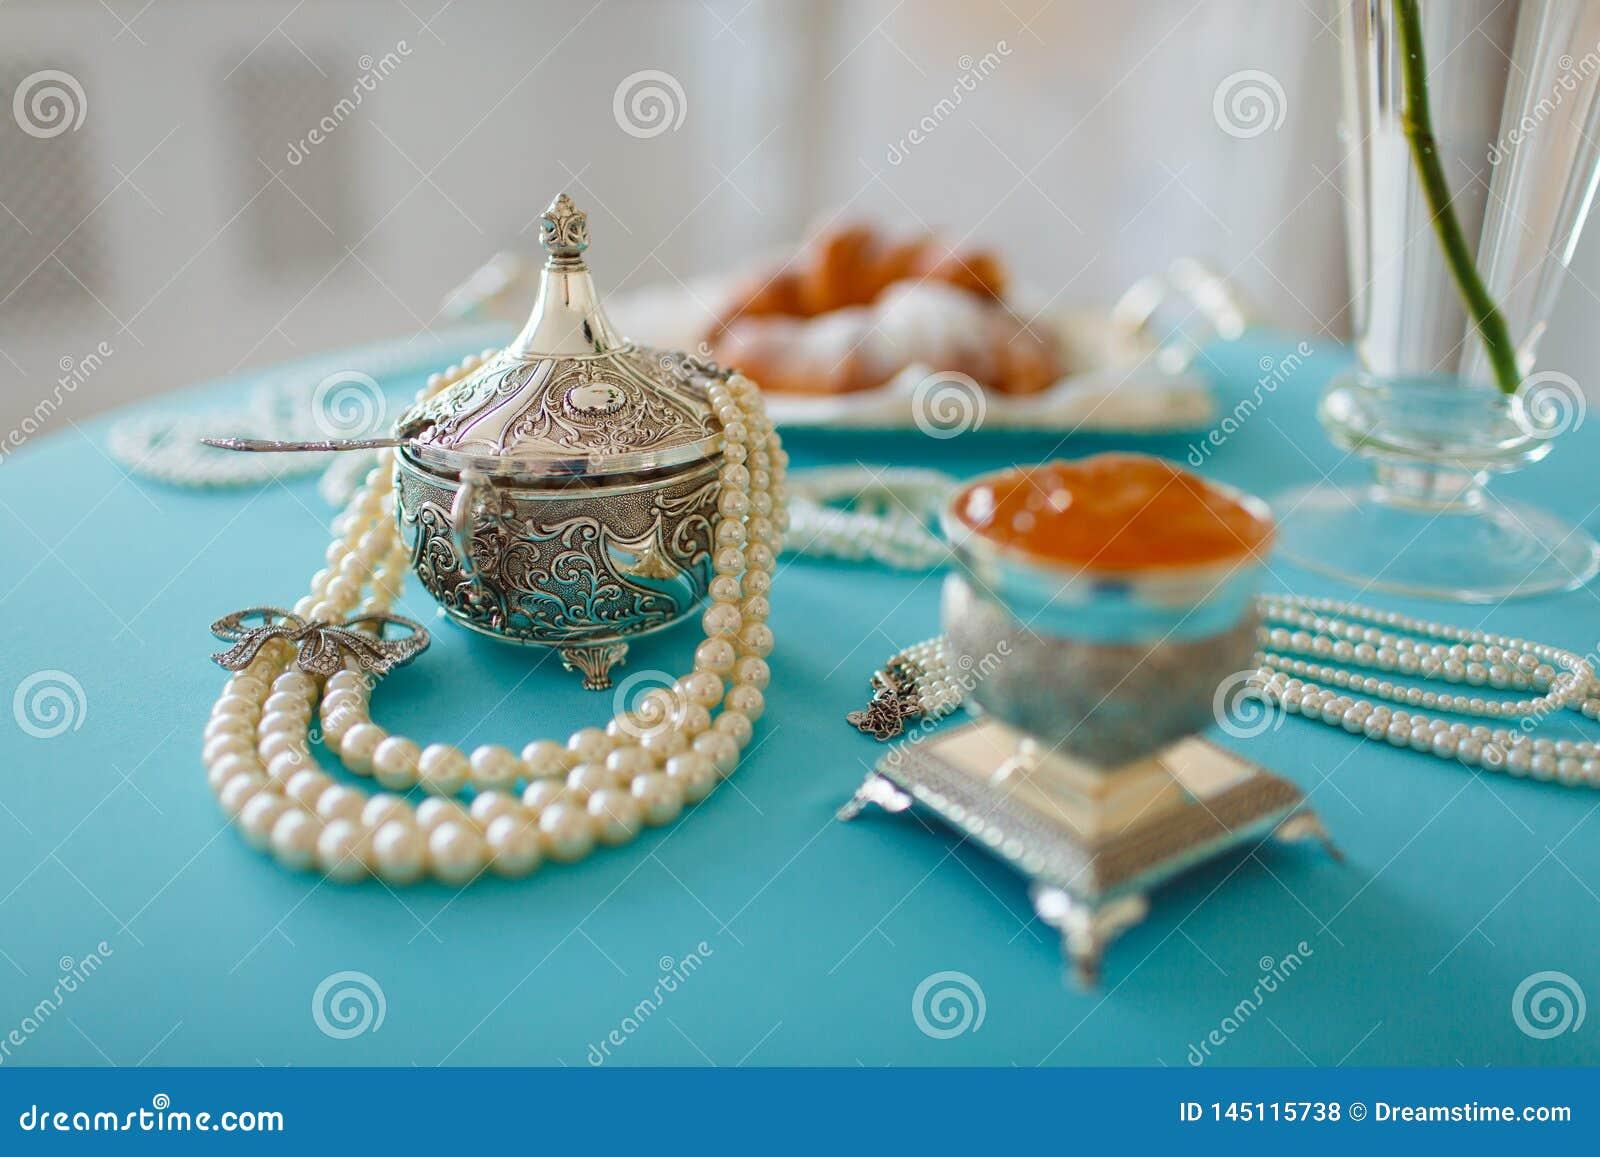 Ασημένιες κιβώτια και χάντρες μαργαριταριών στον πίνακα